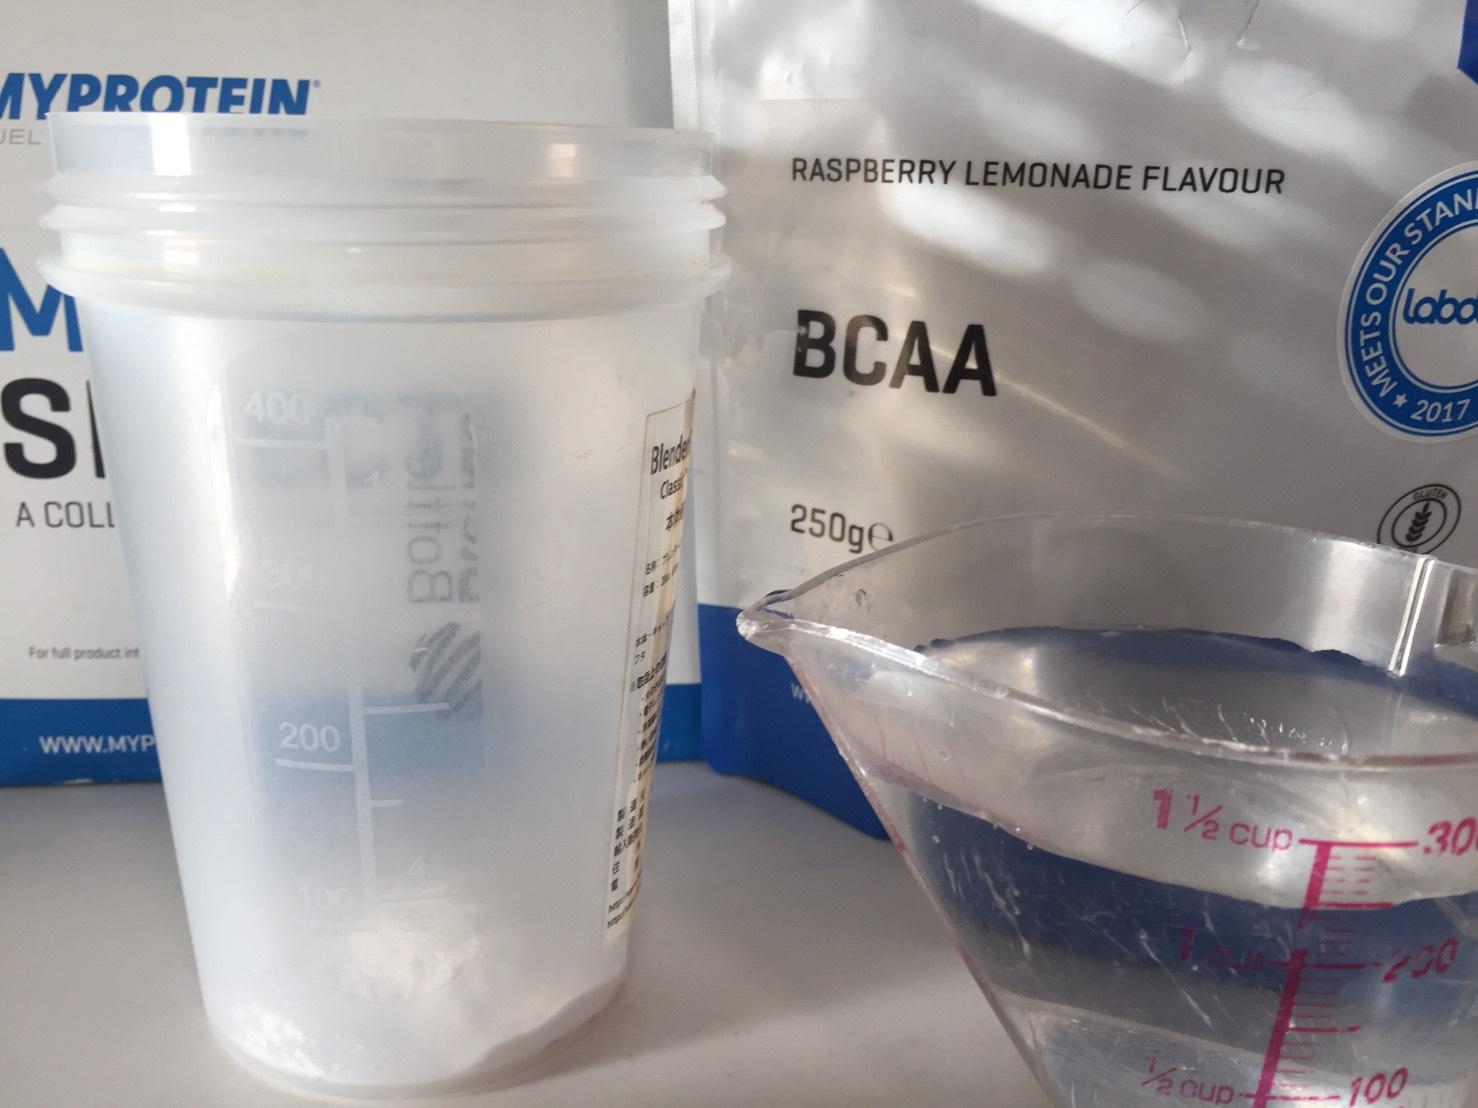 BCAA「ラズベリー・レモネード味(RASPBERRY LEMONADE FLAVOUR)」を水に溶かします。